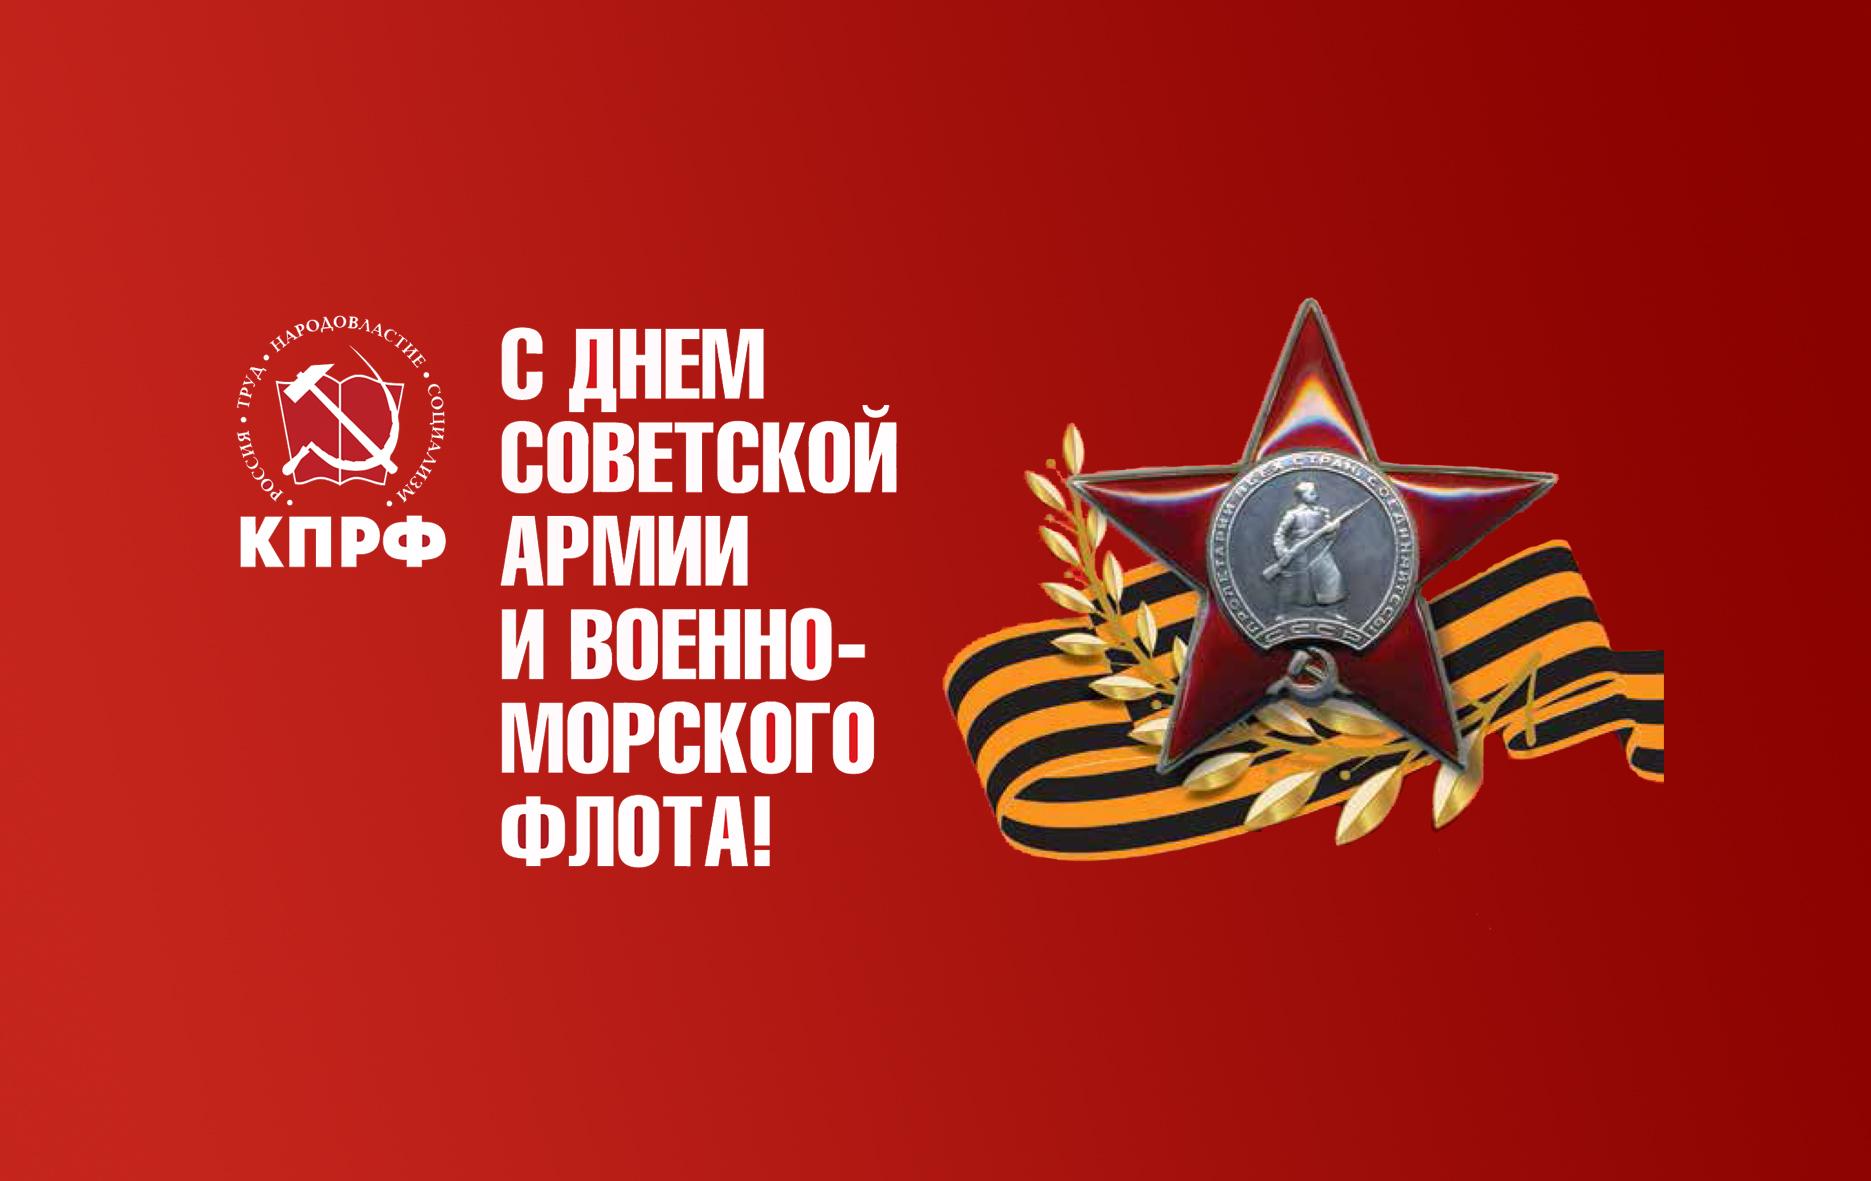 шаблоны поздравлений с днем советской армии